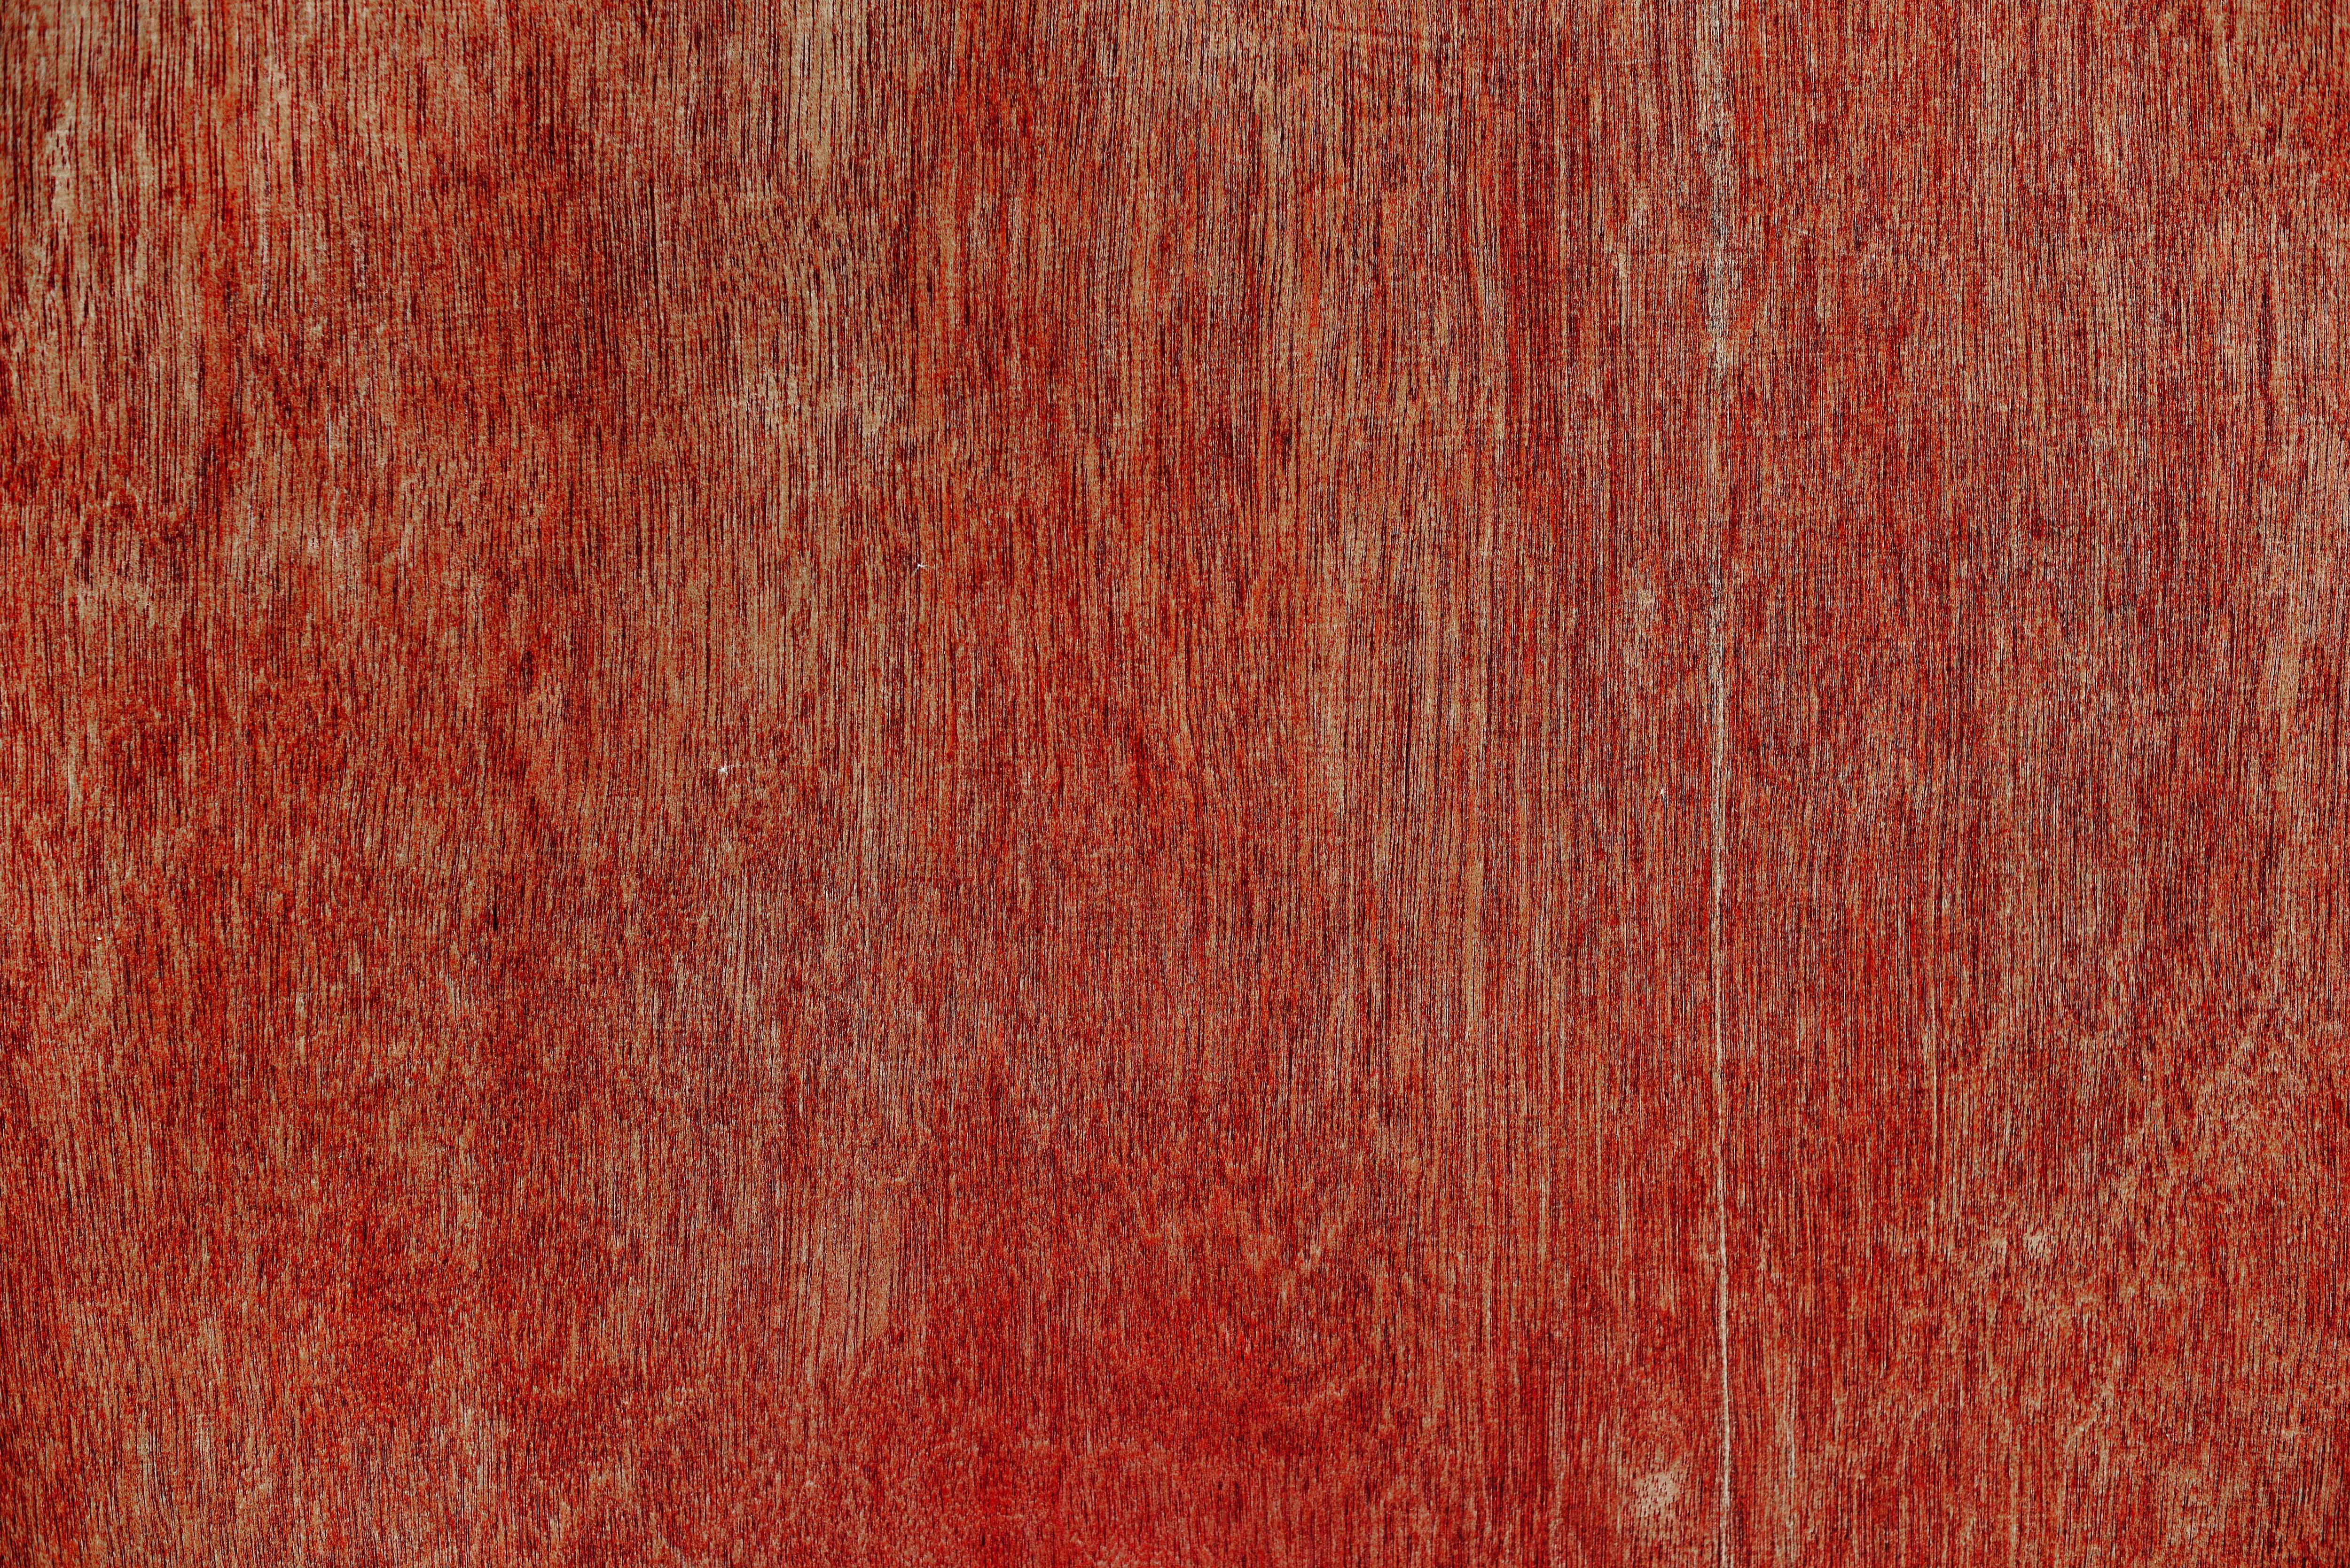 148110 économiseurs d'écran et fonds d'écran Textures sur votre téléphone. Téléchargez Textures, À Pois, Boutonneux, Texture, Surface, Le Tissu, Tissu images gratuitement